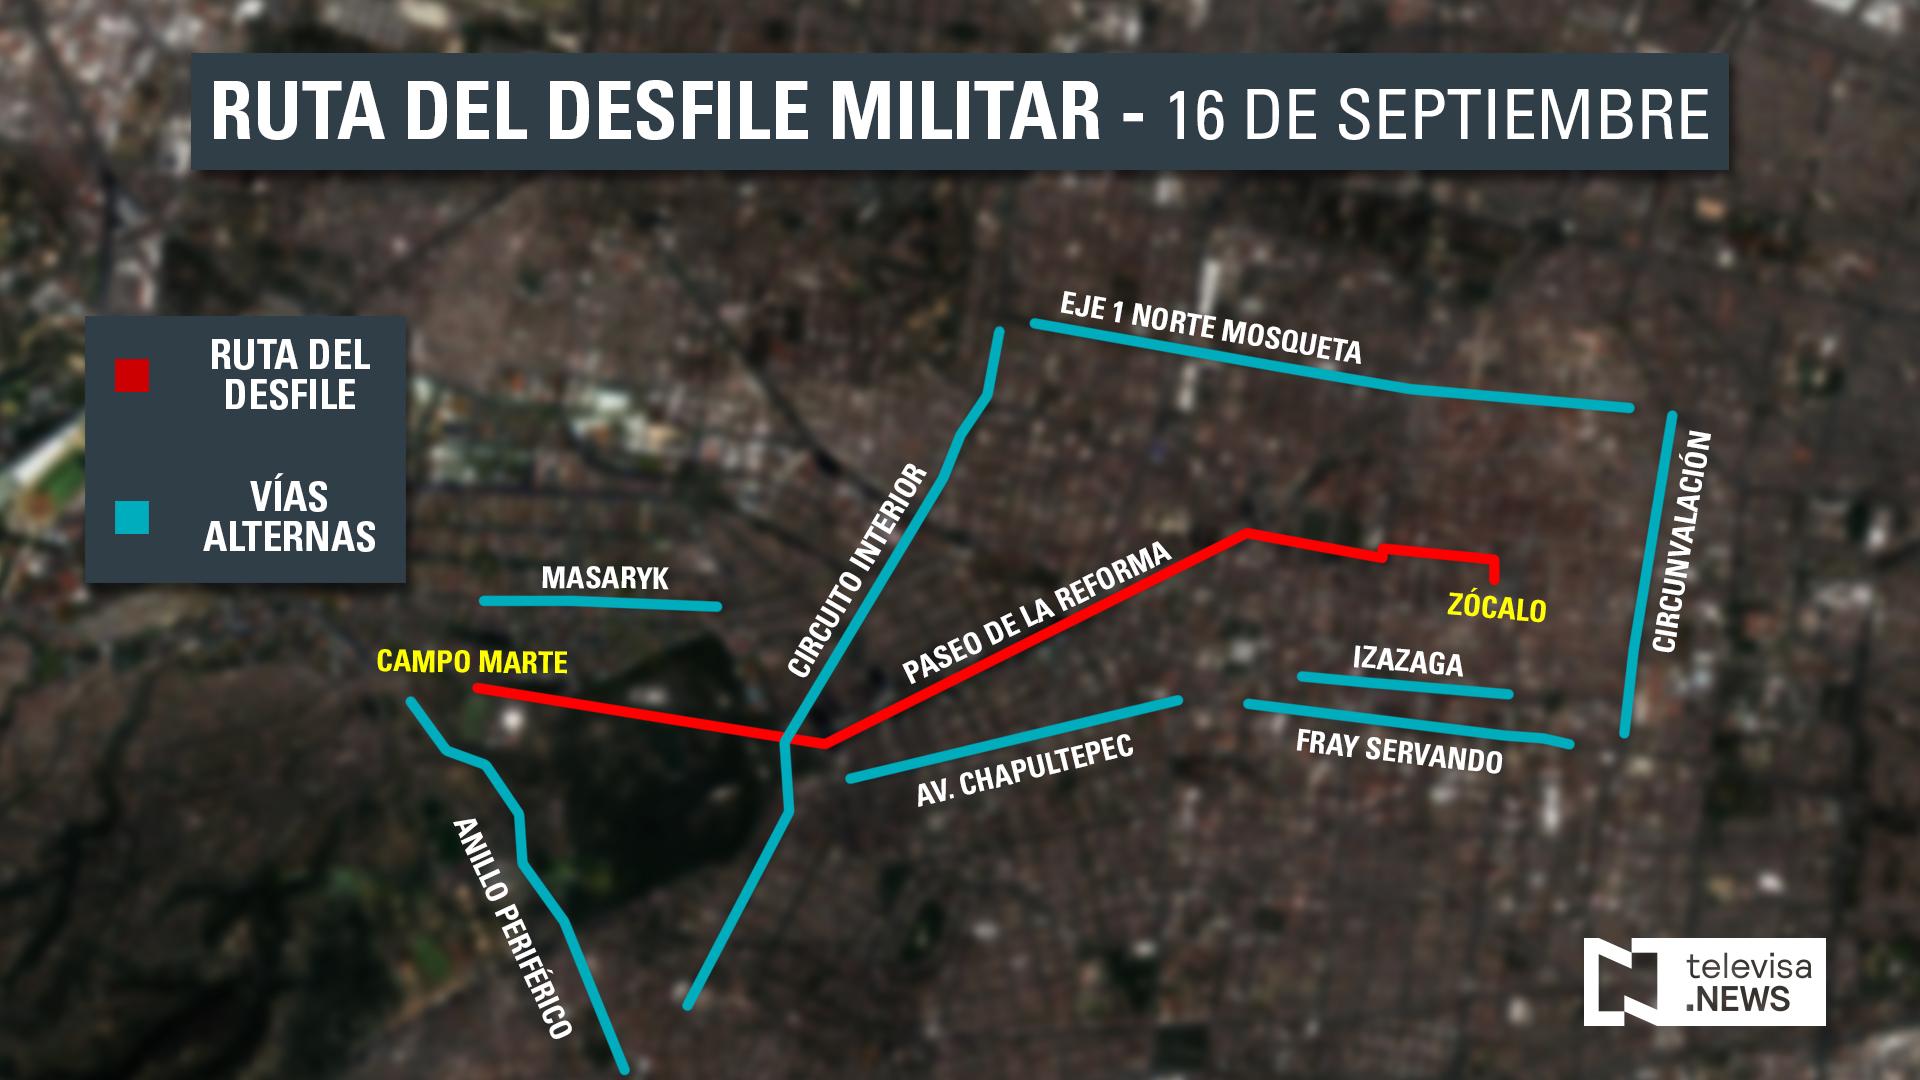 rutas alternas del desfile del 16 de septiembre